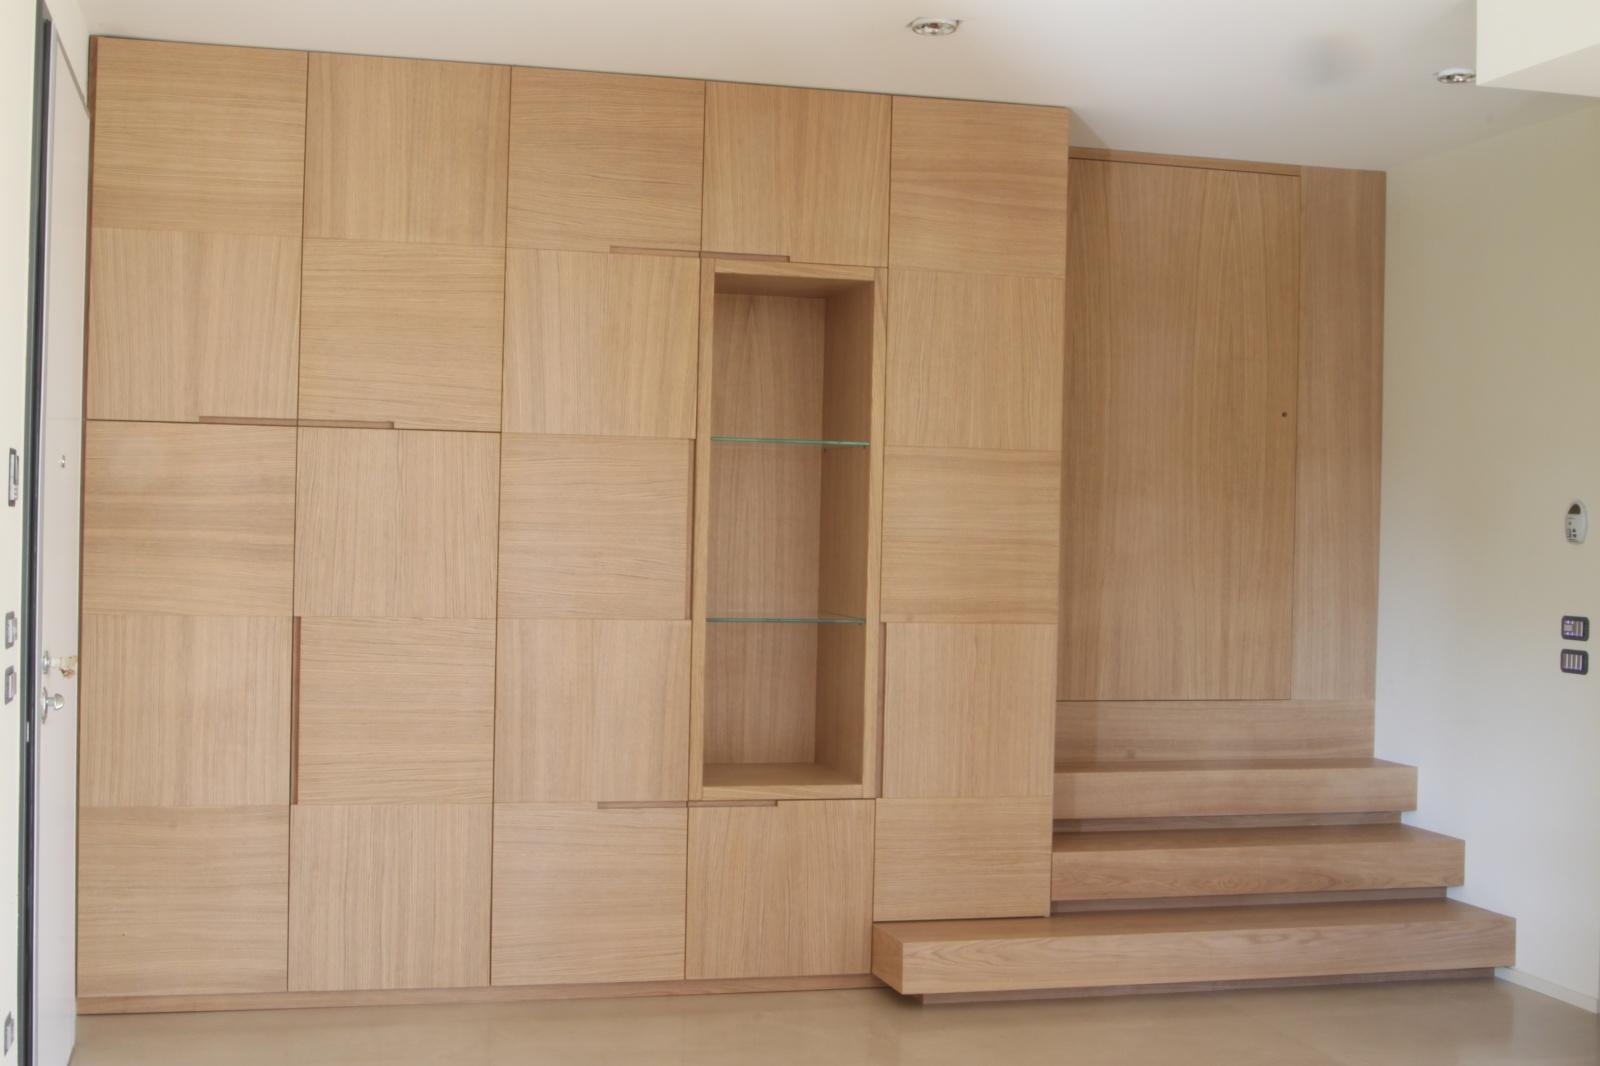 Armadio soggiorno moderno in legno di rovere spazzolato a for Armadio da soggiorno